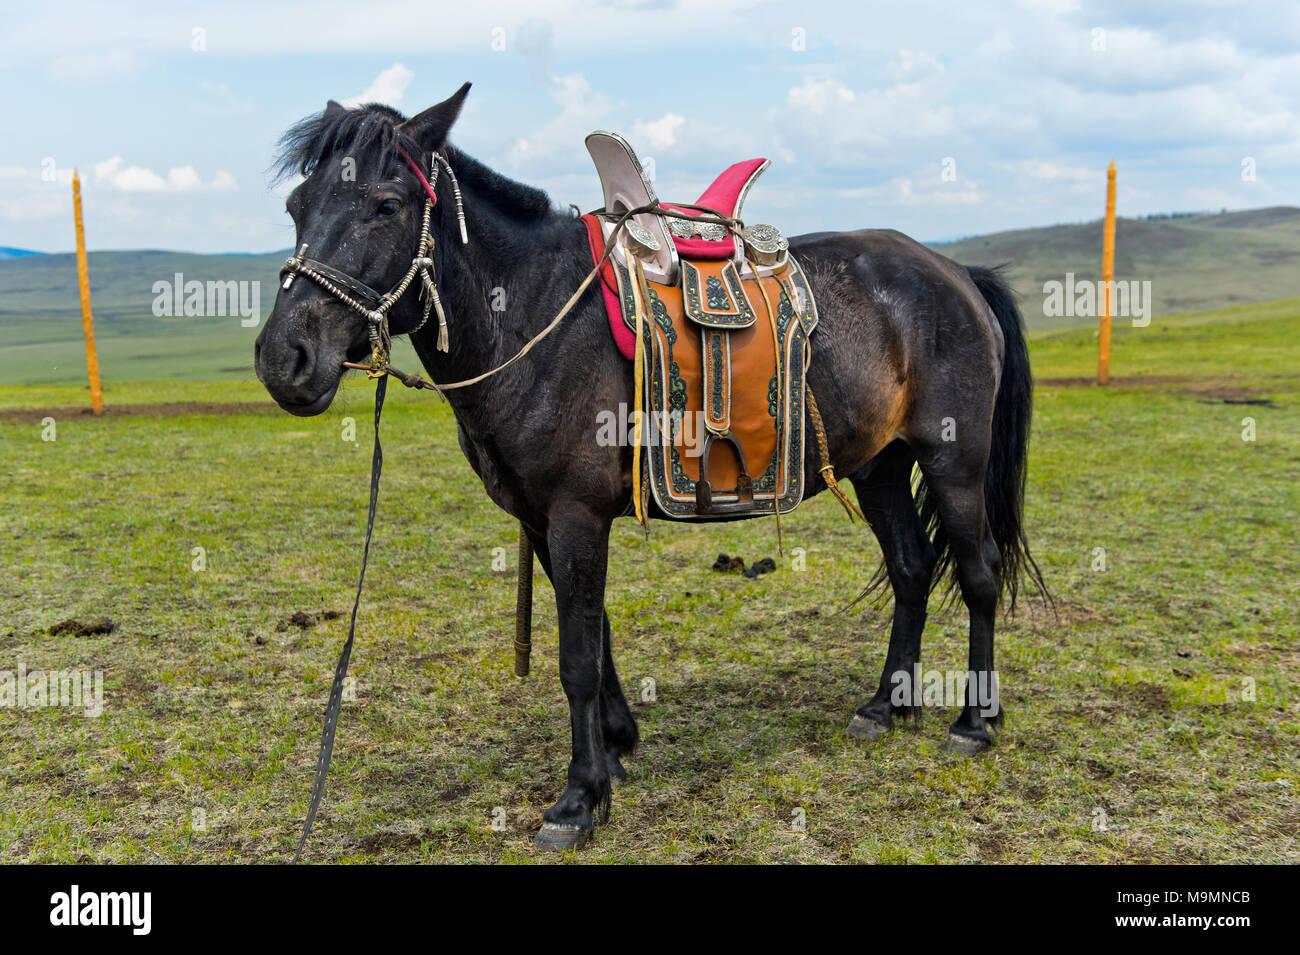 Gezähmte Pferd eines Nomad mit traditionellen Sattel in der Steppe der Mongolei Stockbild